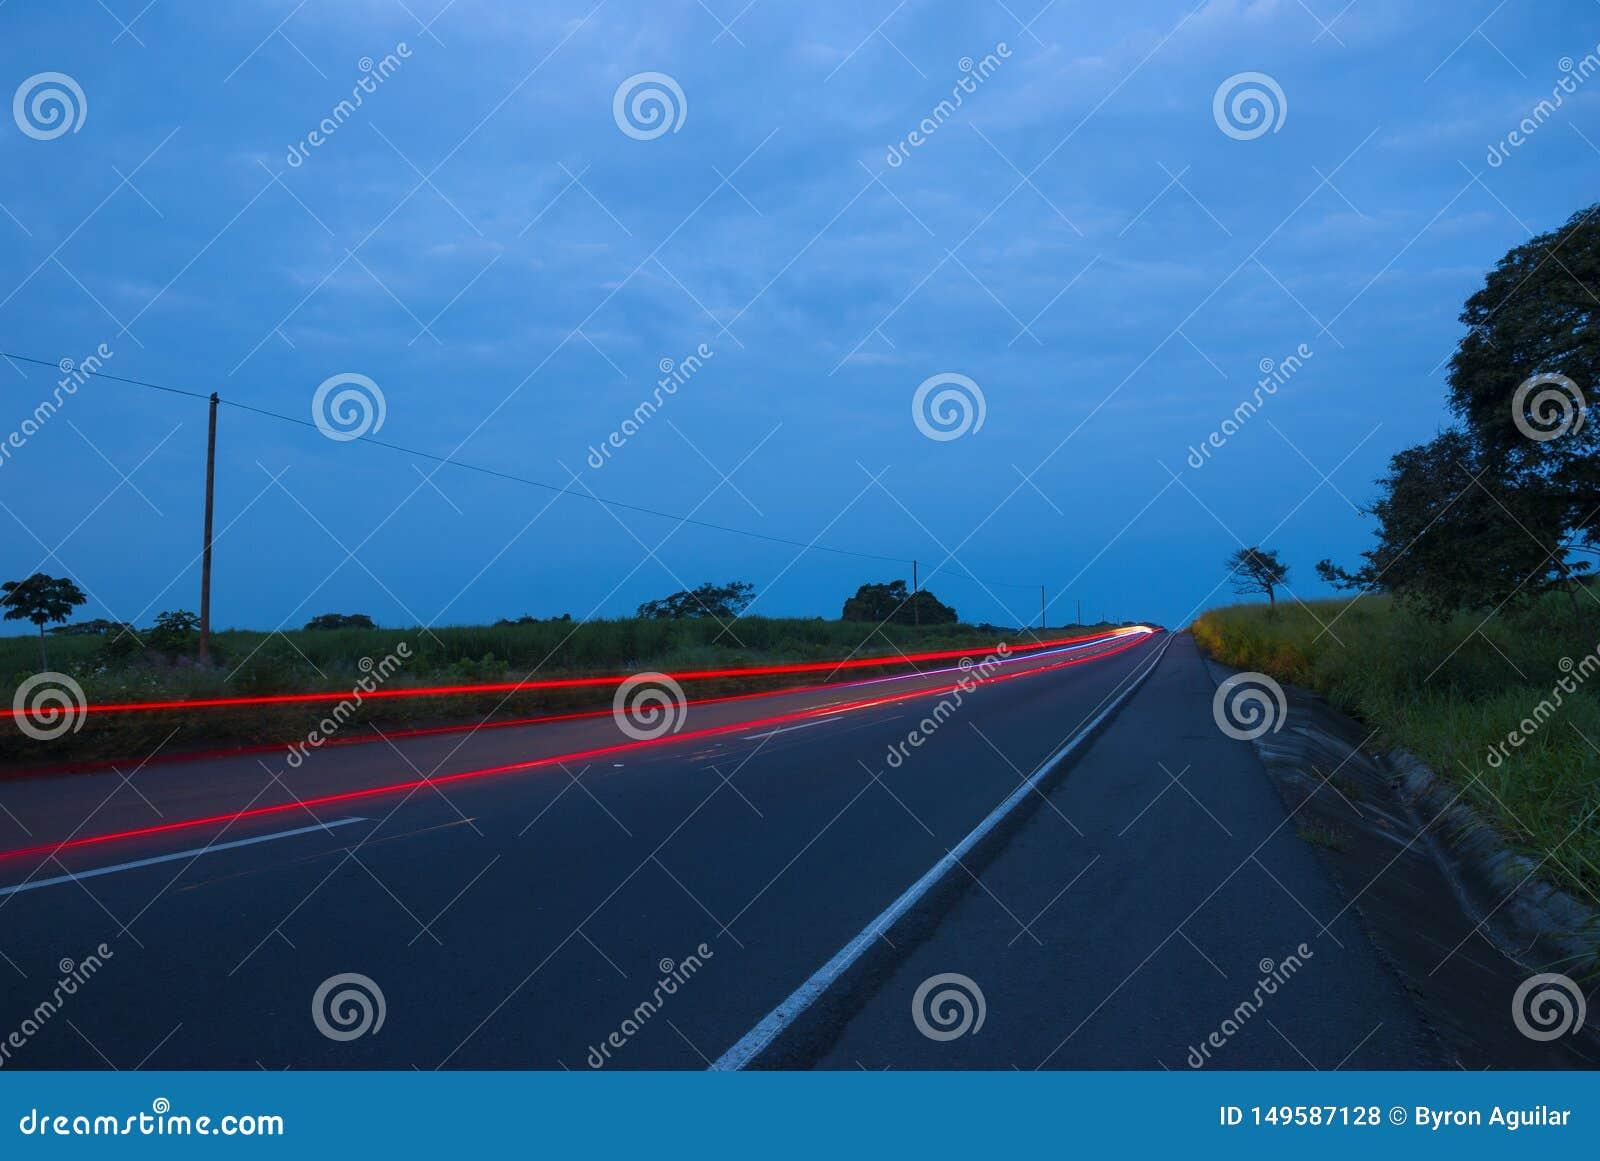 Speedingon dos carros uma estrada, Guatemala, Am?rica Central, carro da velocidade